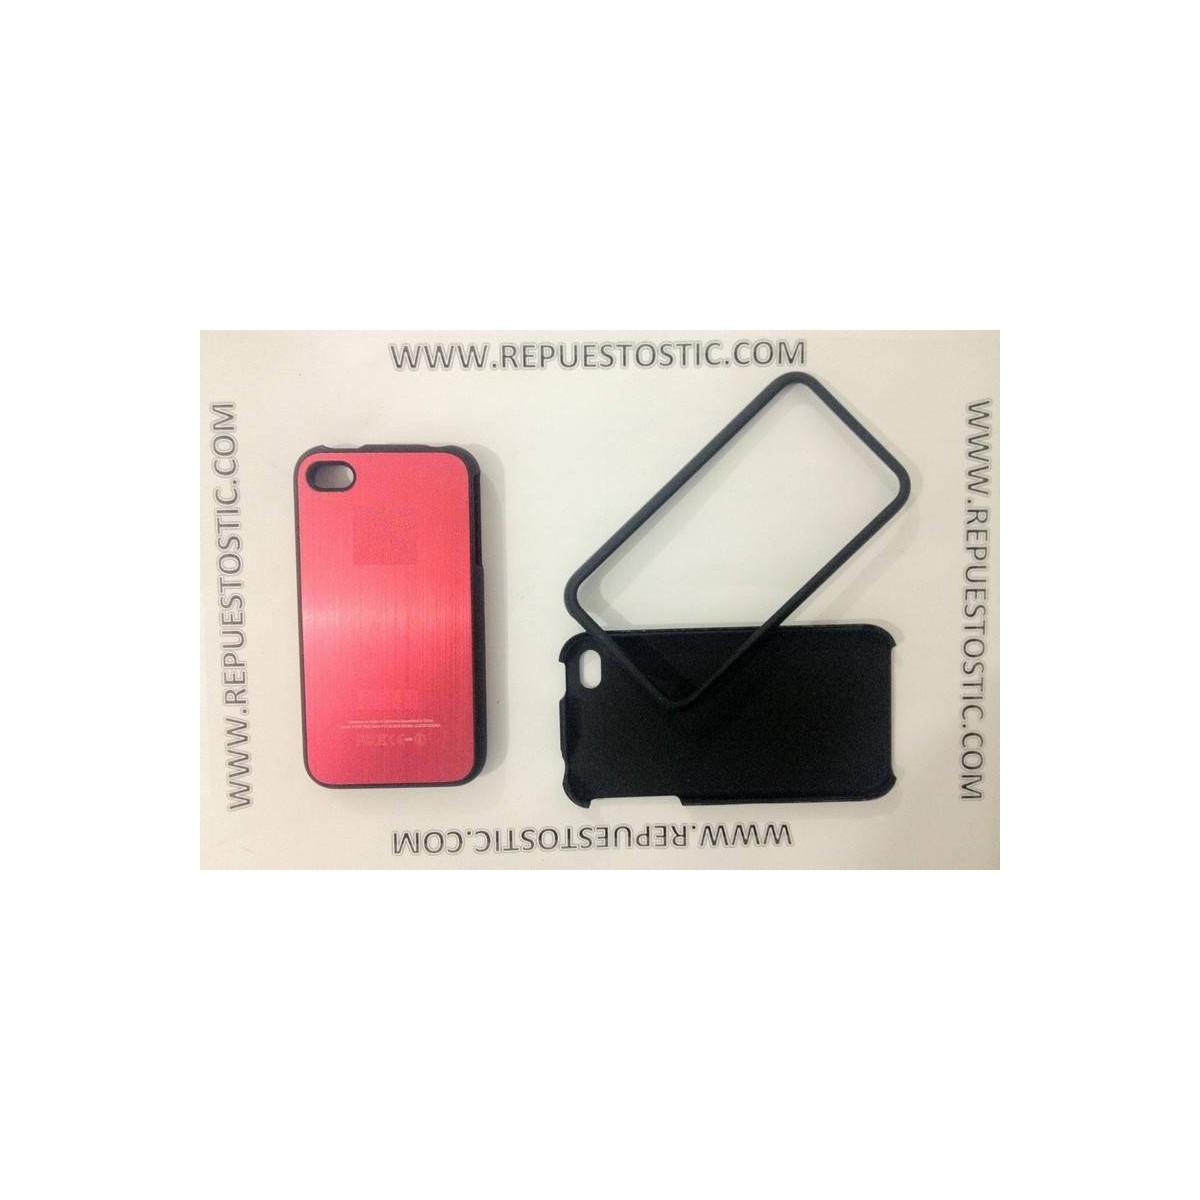 Funda iPhone 4G/S de 2 partes, de metal, color rojo